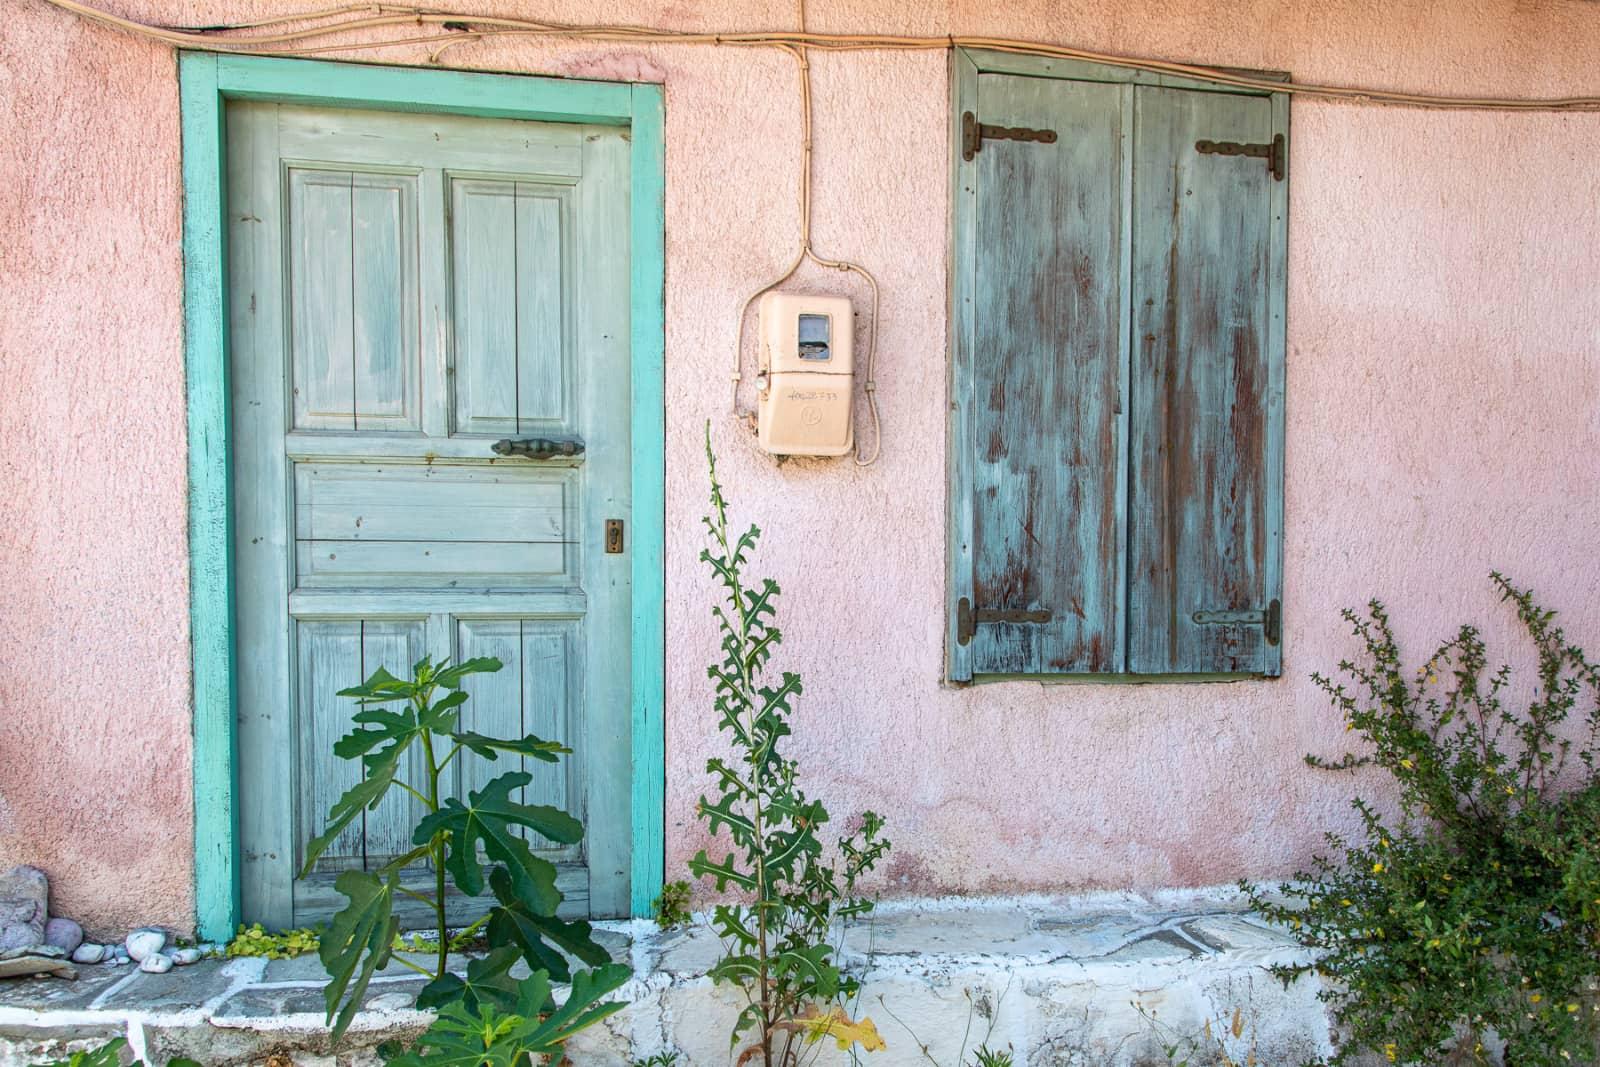 deur en raam in roze muur in Skopeloos, Griekenland